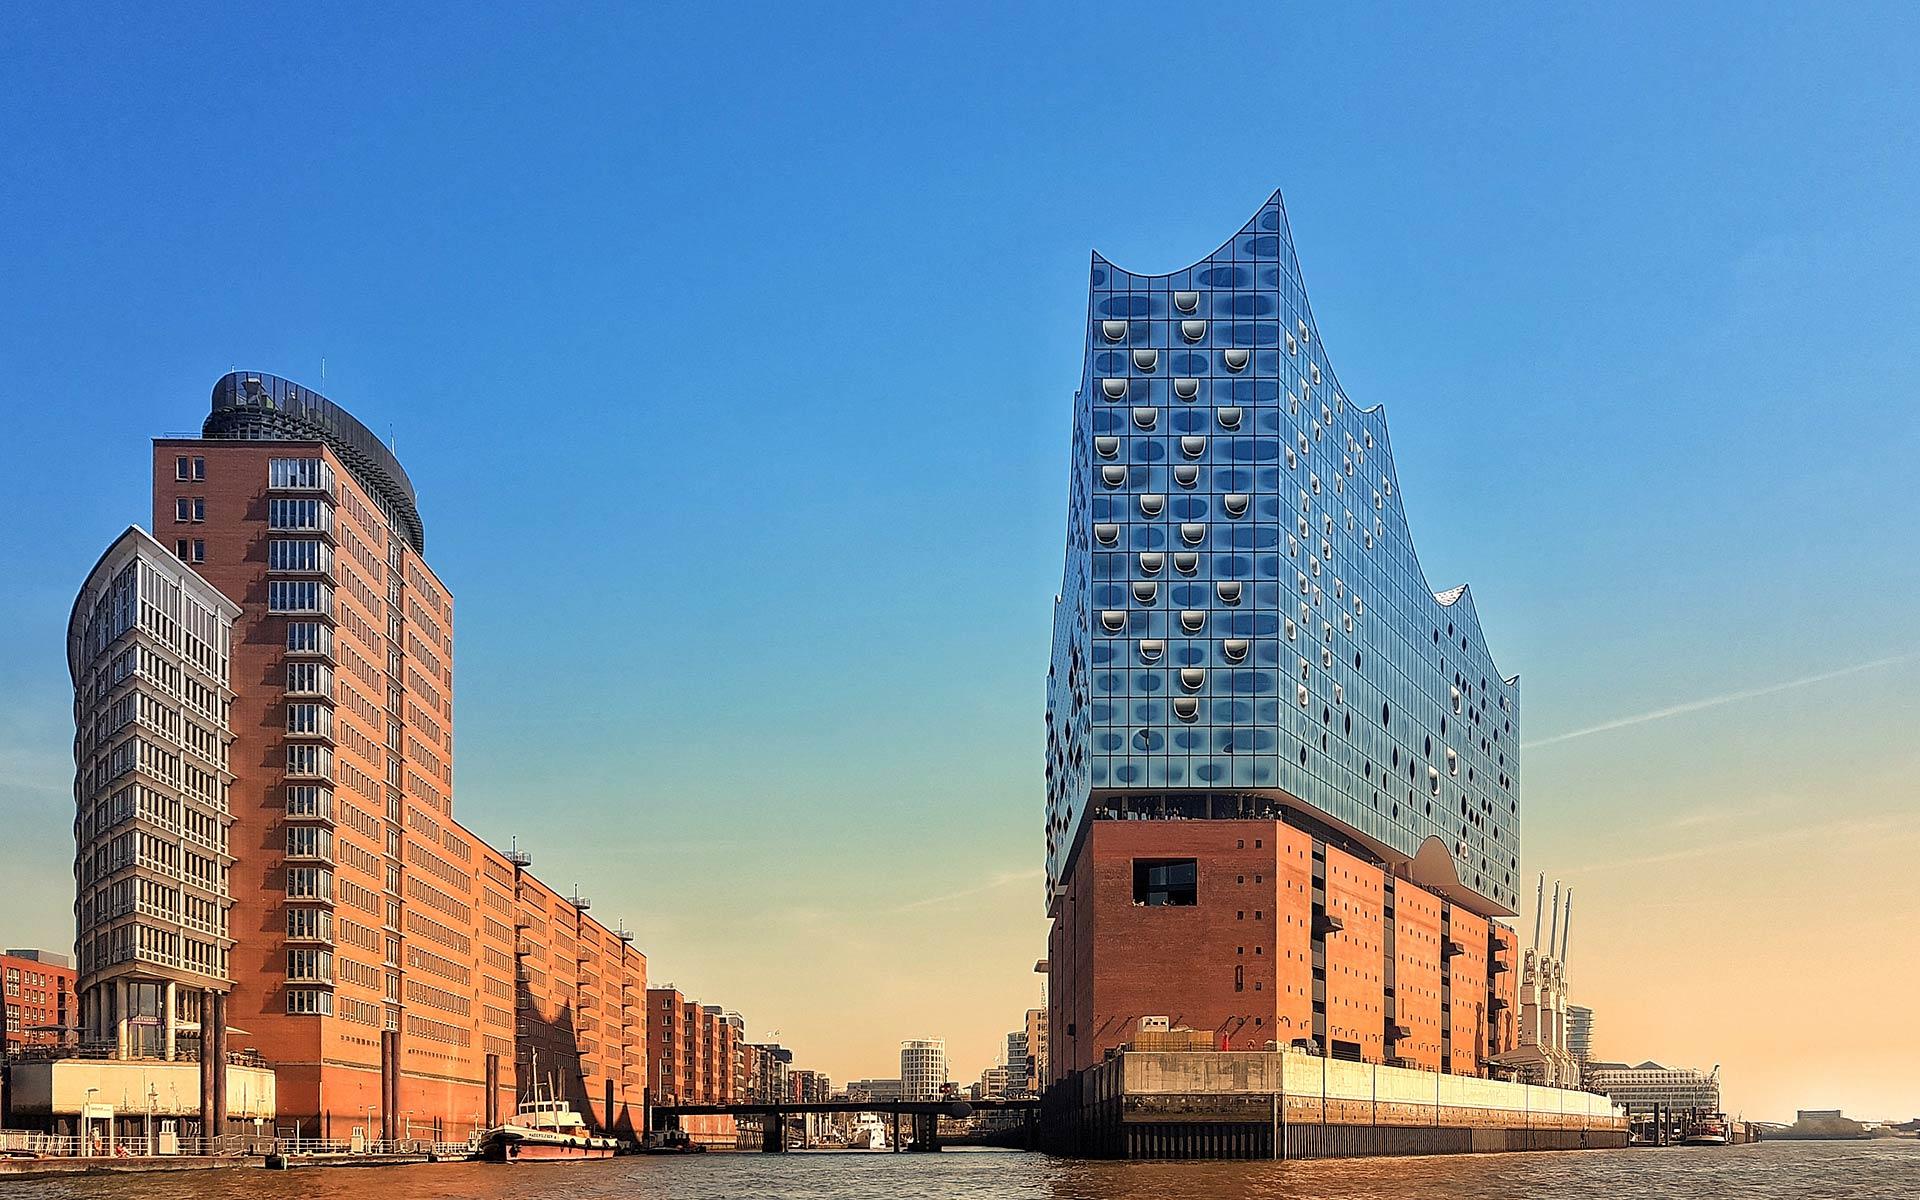 Reise Nach... - Elbphilharmonie Hamburg